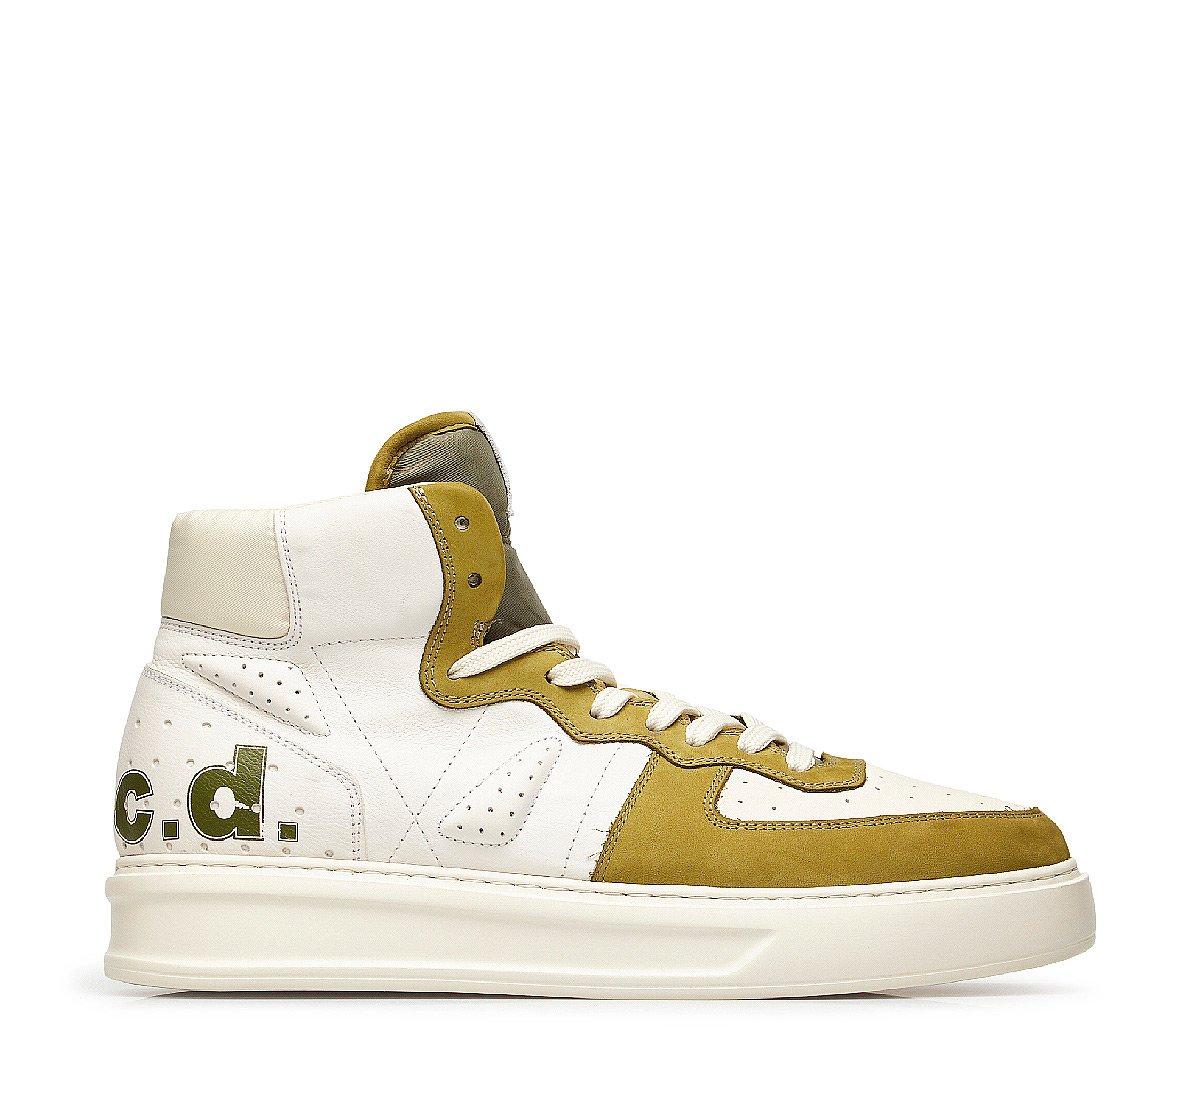 Barracuda B.r.c.d. sneakers